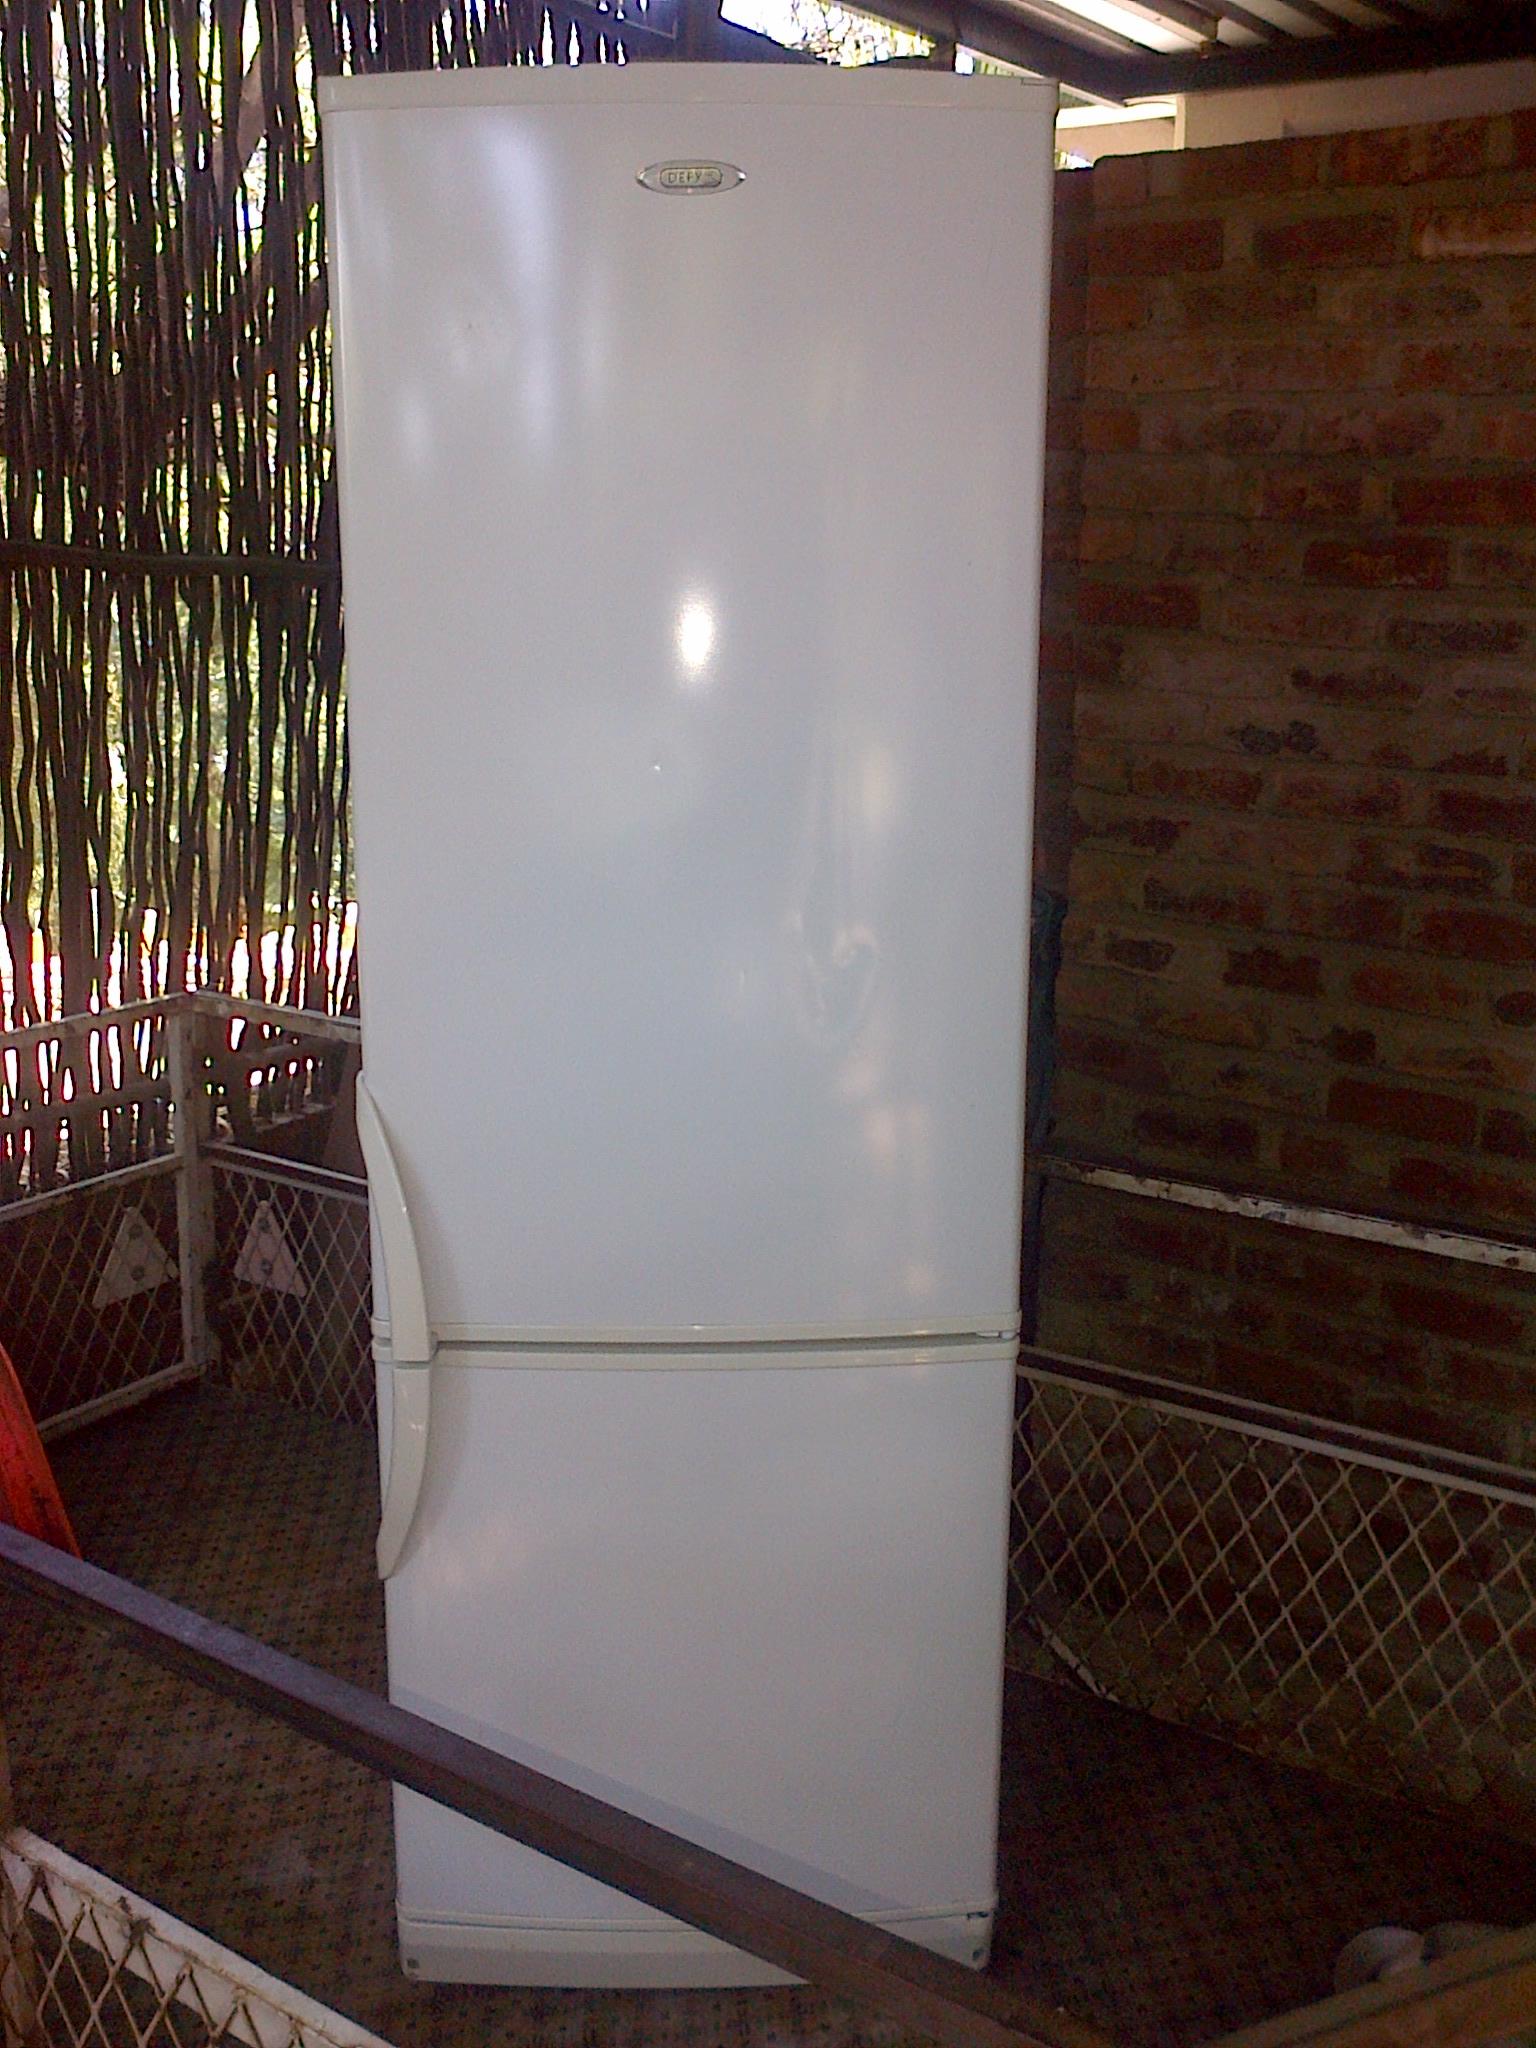 defy double door fridge freezer manual